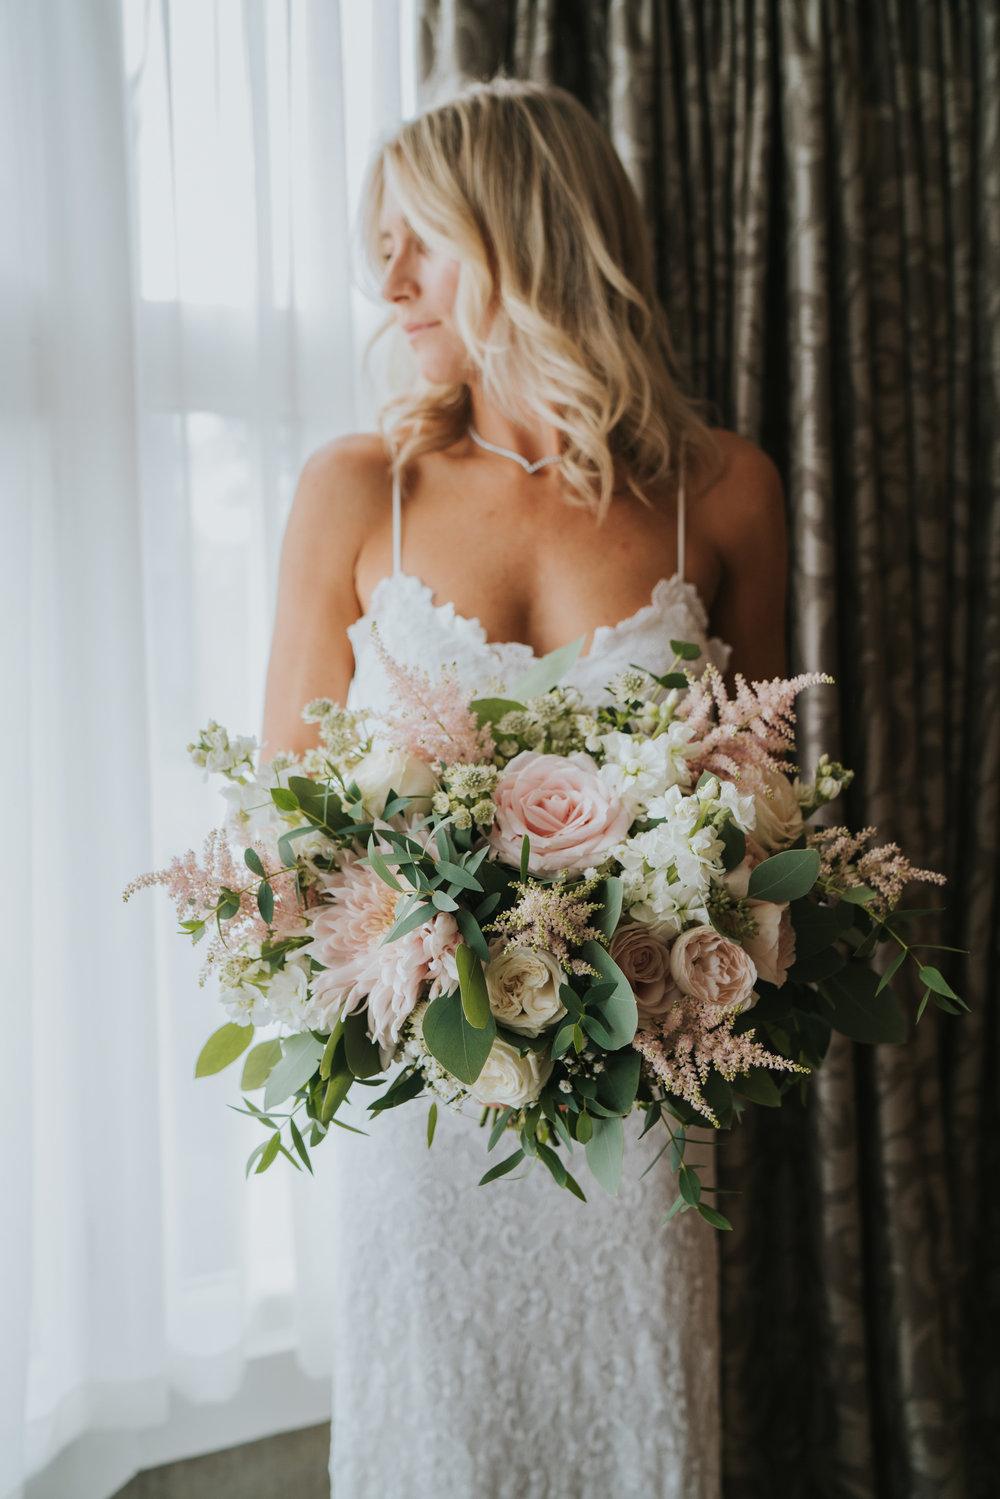 intimate-english-church-wedding-sarah-alex-colchester-essex-grace-elizabeth-colchester-essex-alternative-wedding-lifestyle-photographer-essex-suffolk-norfolk-devon (7 of 92).jpg